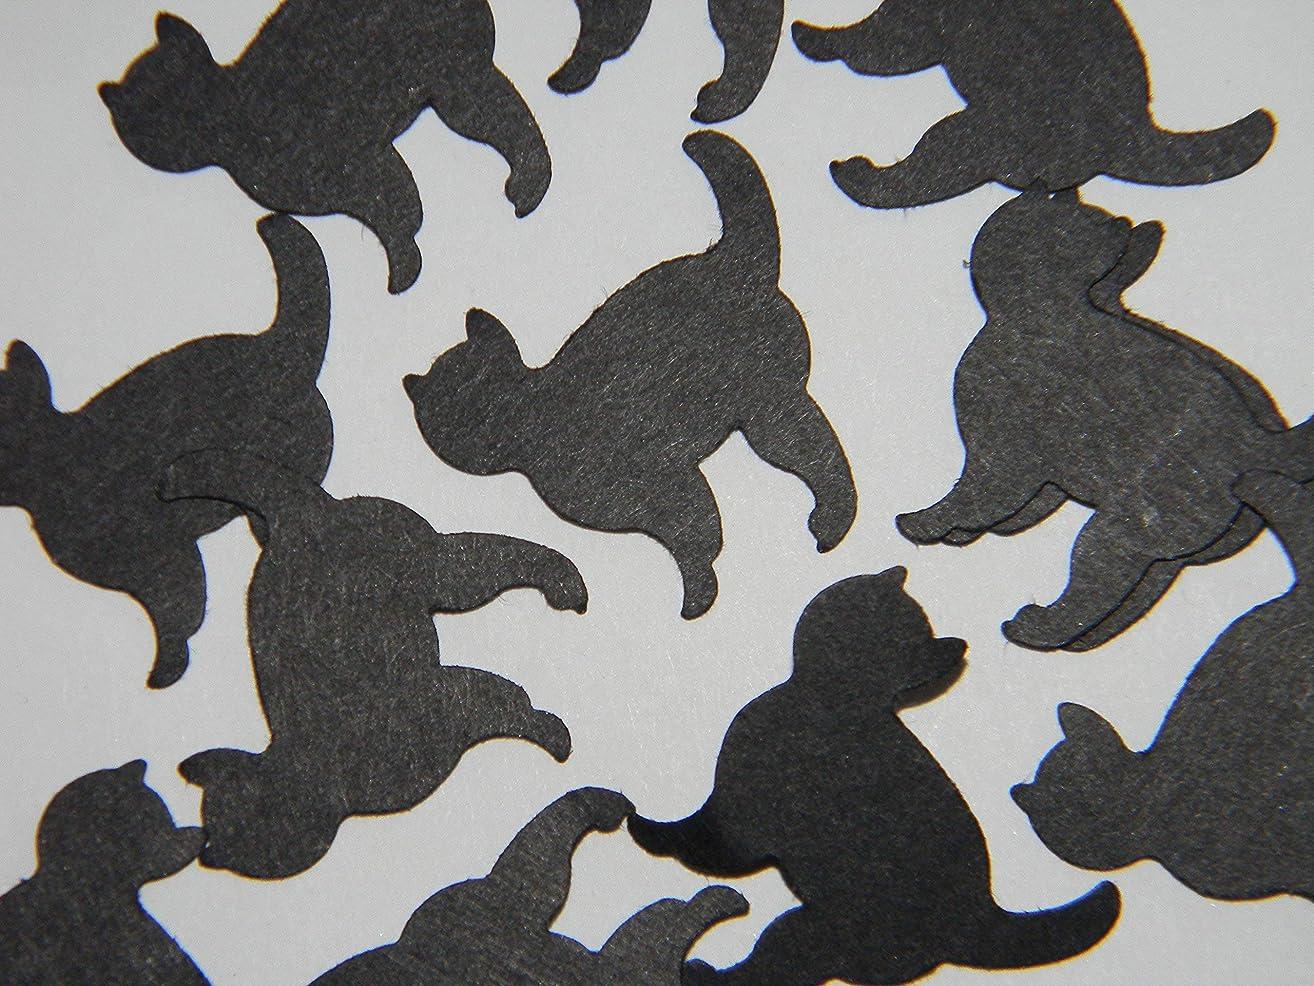 100 Small black cat Confetti - Halloween party supplies decor confetti